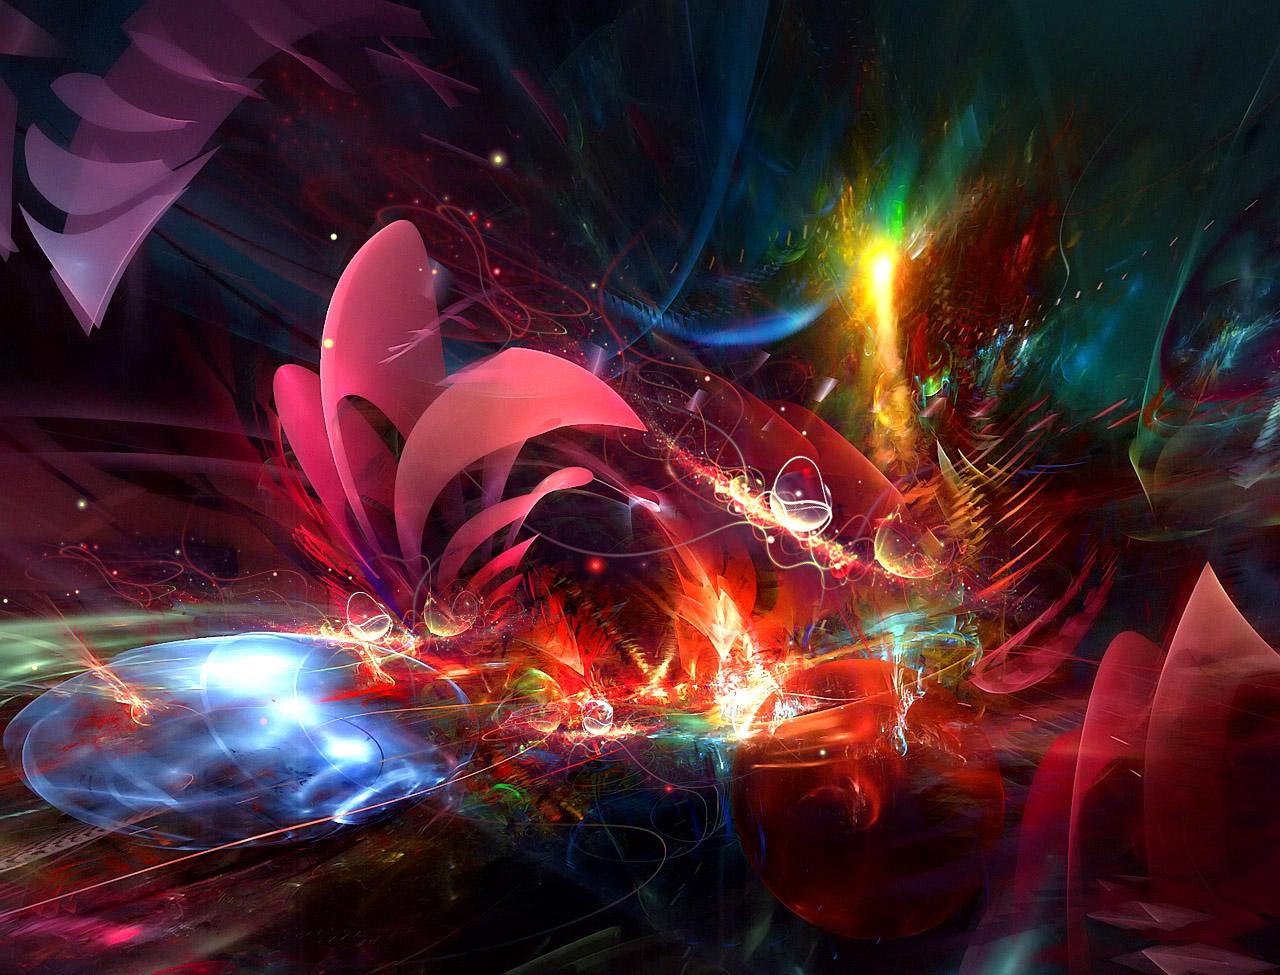 Art ID: 25537